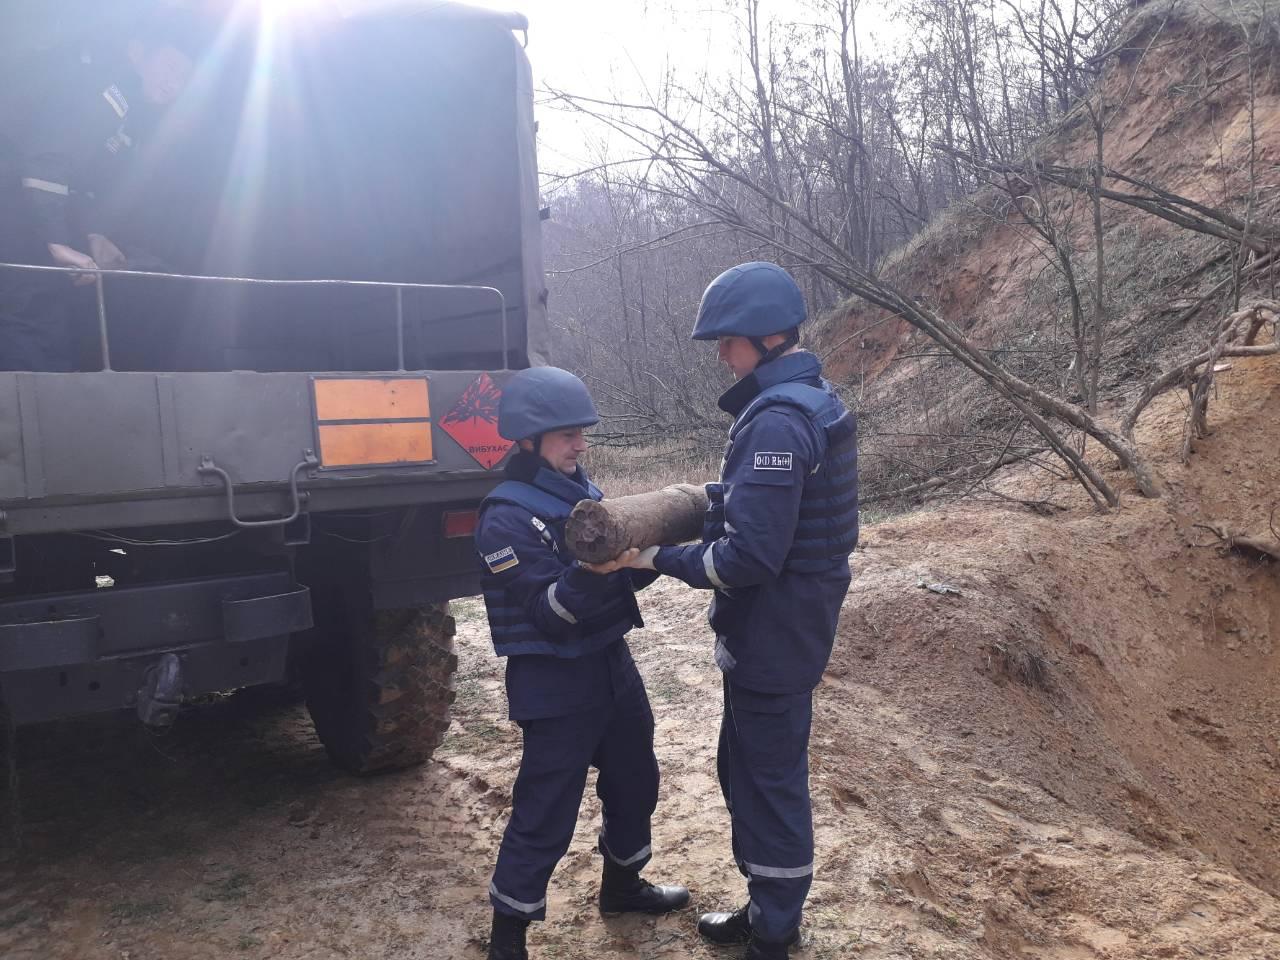 Без Купюр Рятувальники знищили два снаряда, знайдені біля траси Кропивницький-Аджамка. ФОТО Життя  траса снаряд Кропивницький ДСНС Аджамка